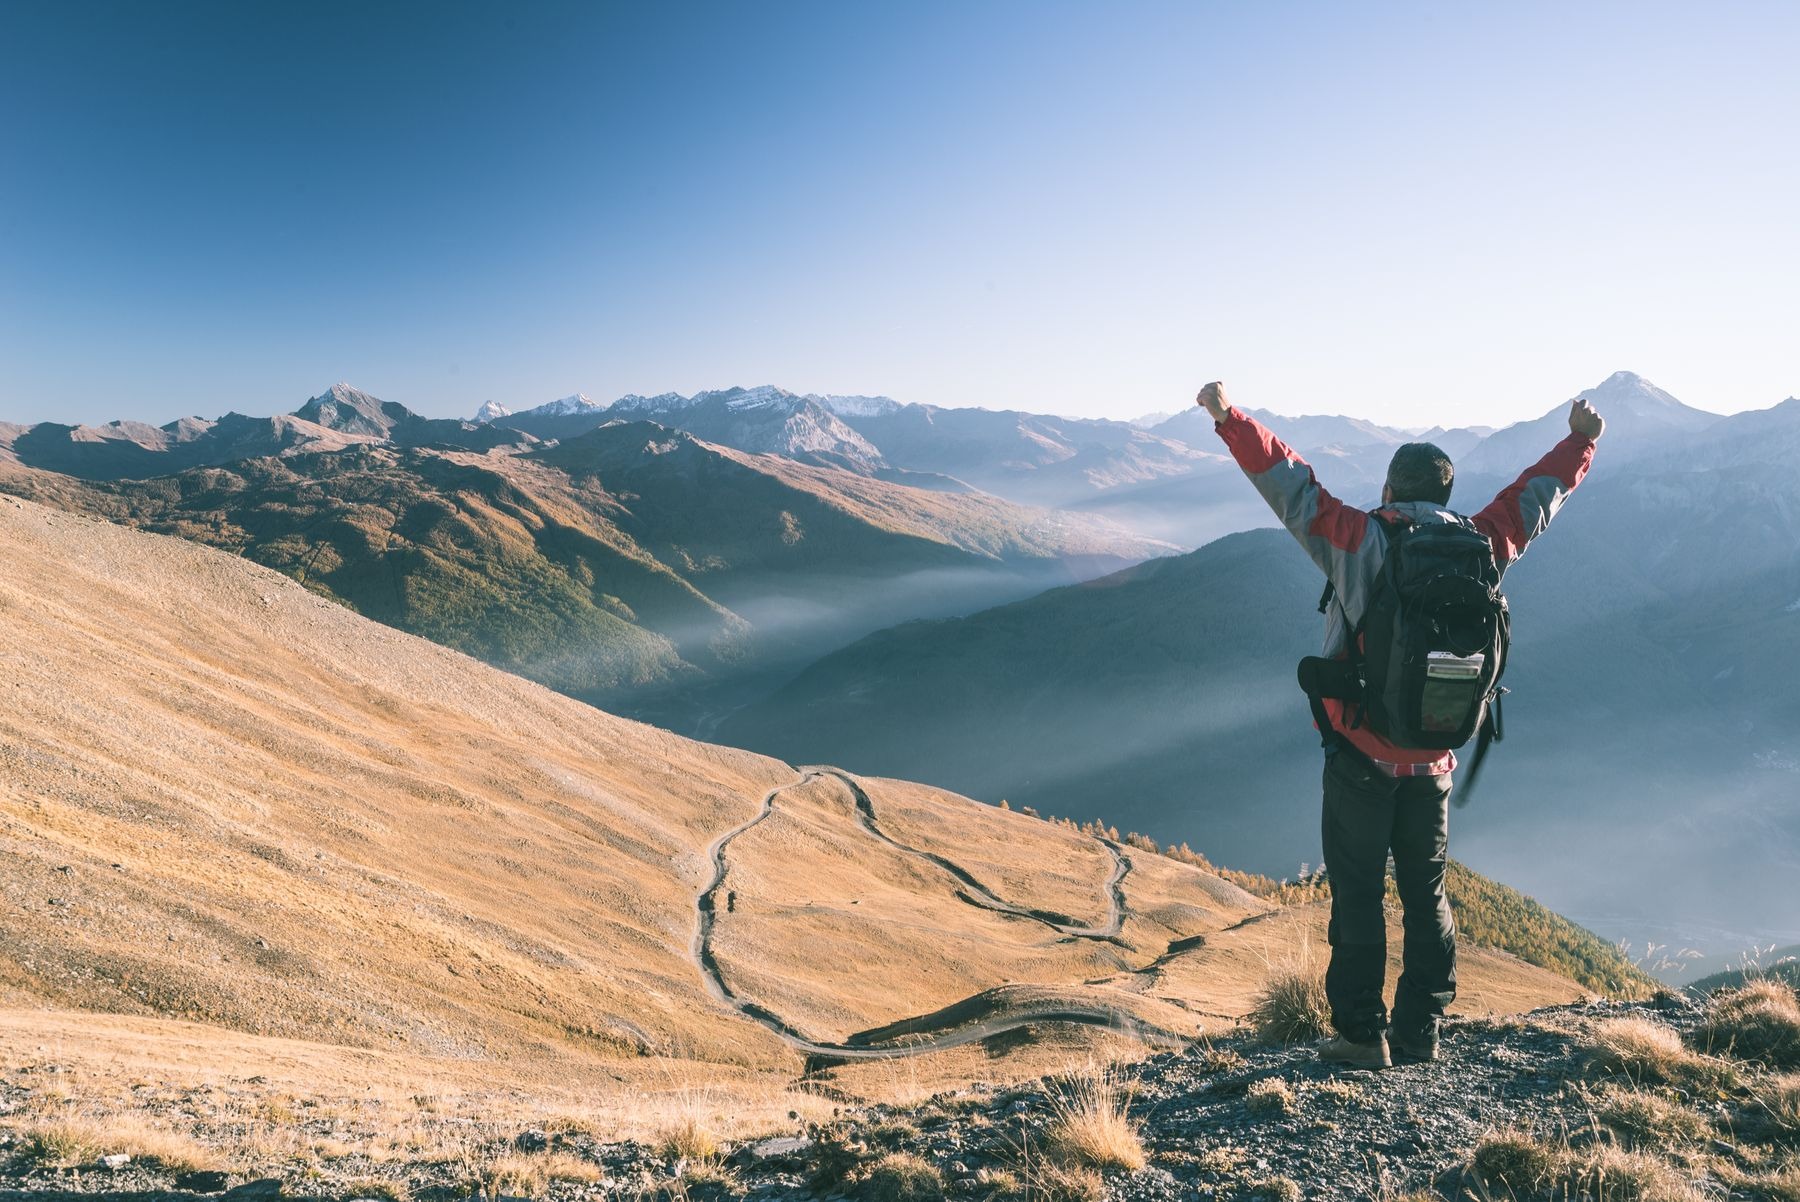 Partez sur une des dix plus belles randonnées de France